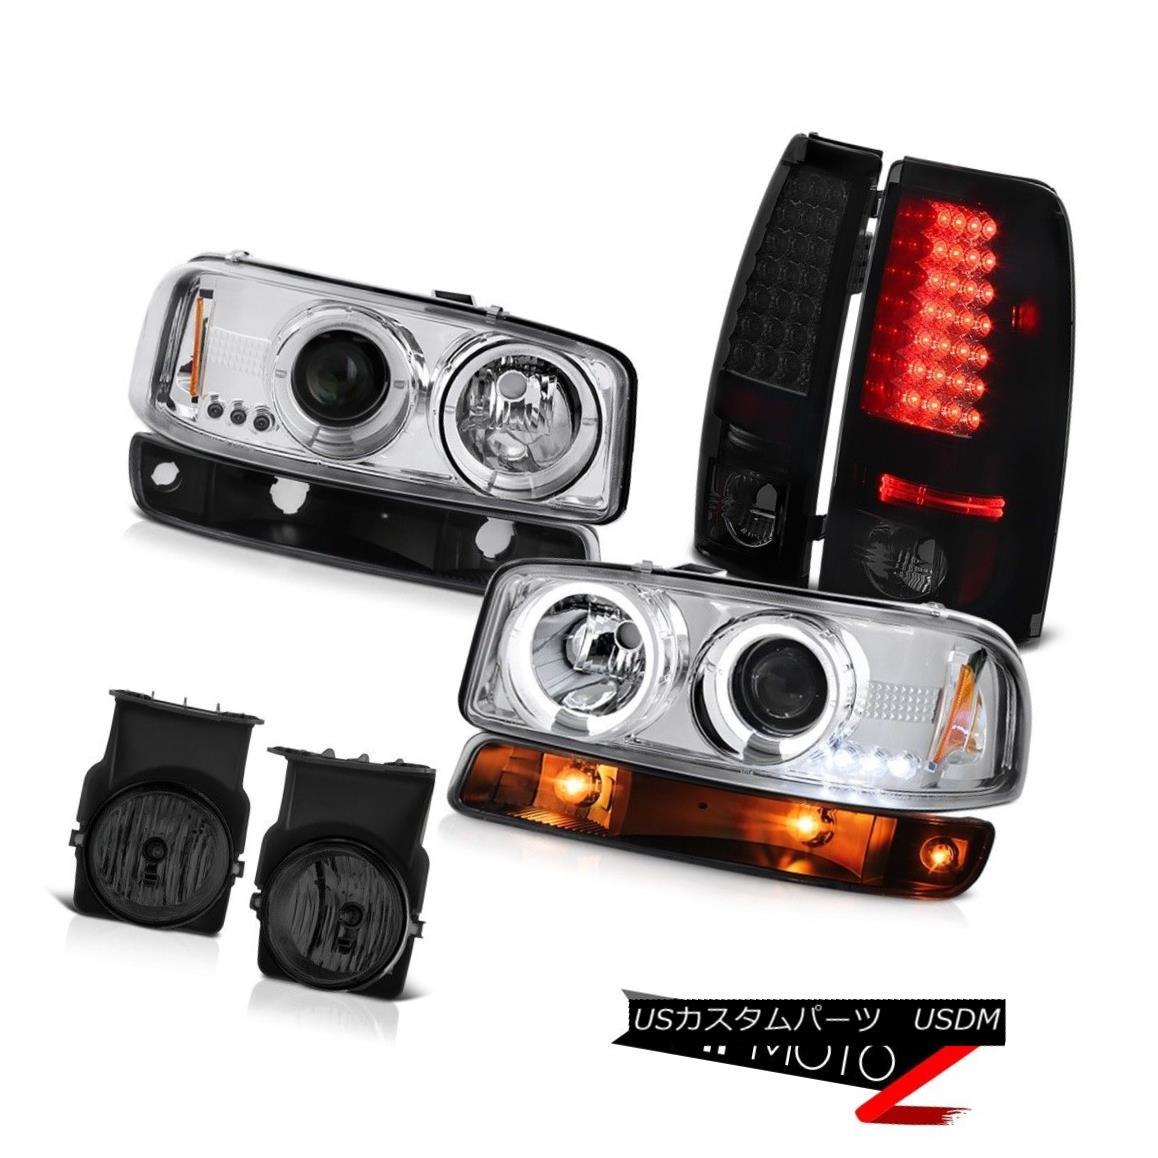 テールライト 03-06 Sierra GMT800 Graphite smoke foglights taillamps parking light headlights 03-06 Sierra GMT800グラファイトスモークフォグライトテールランプパーキングライトヘッドライト